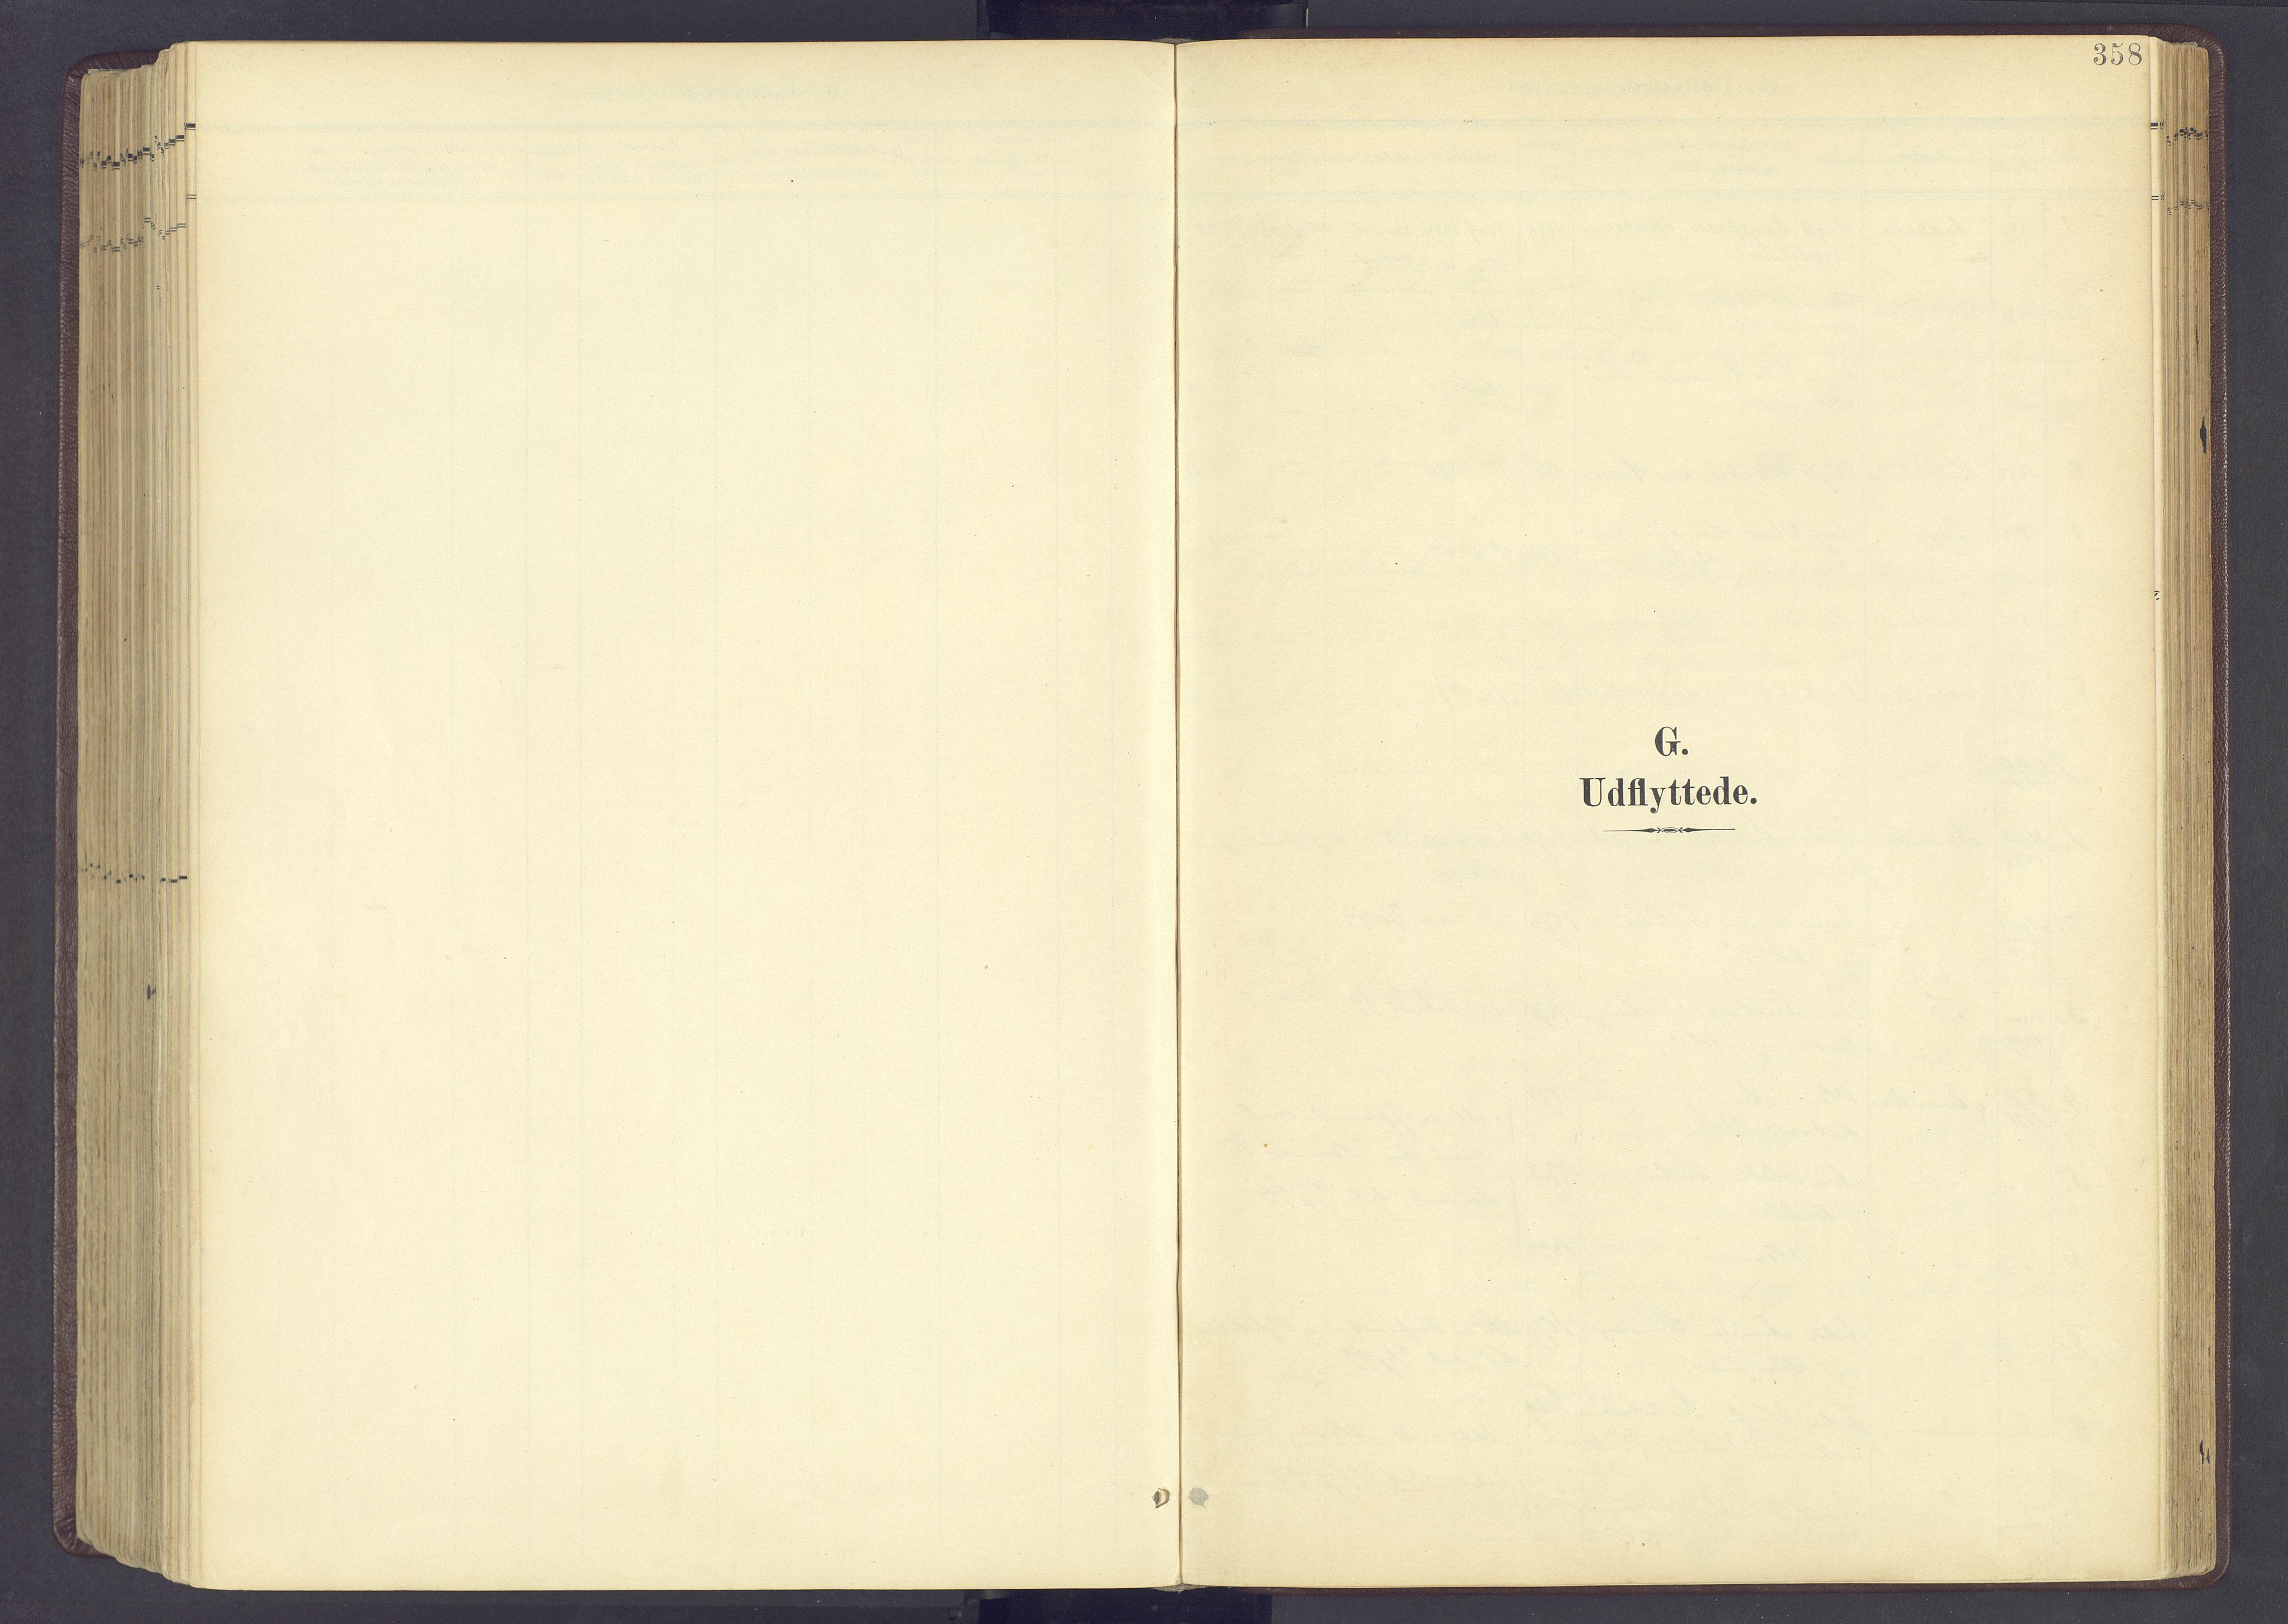 SAH, Sør-Fron prestekontor, H/Ha/Haa/L0004: Parish register (official) no. 4, 1898-1919, p. 358